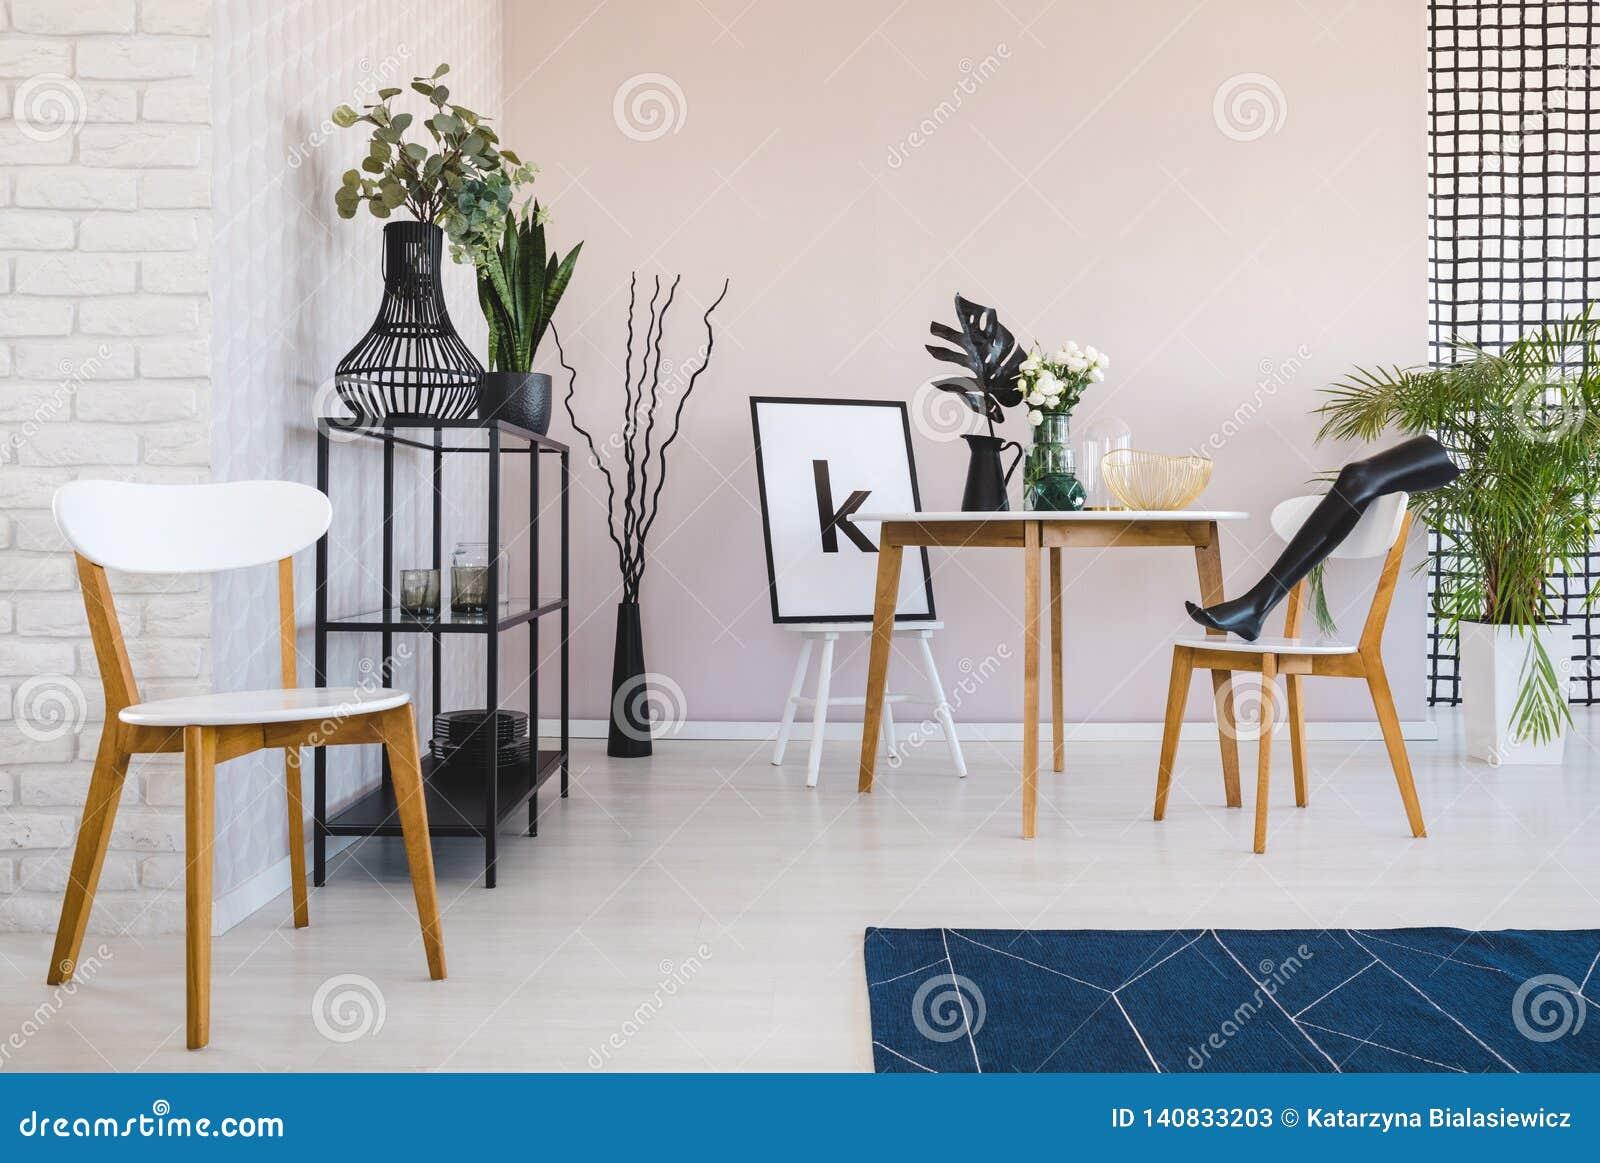 Cadeira De Madeira Branca E Tapete Azul Na Sala De Jantar Interior Com As Plantas Ao Lado Da Tabela Foto Real Imagem De Stock Imagem De Foto Interior 140833203